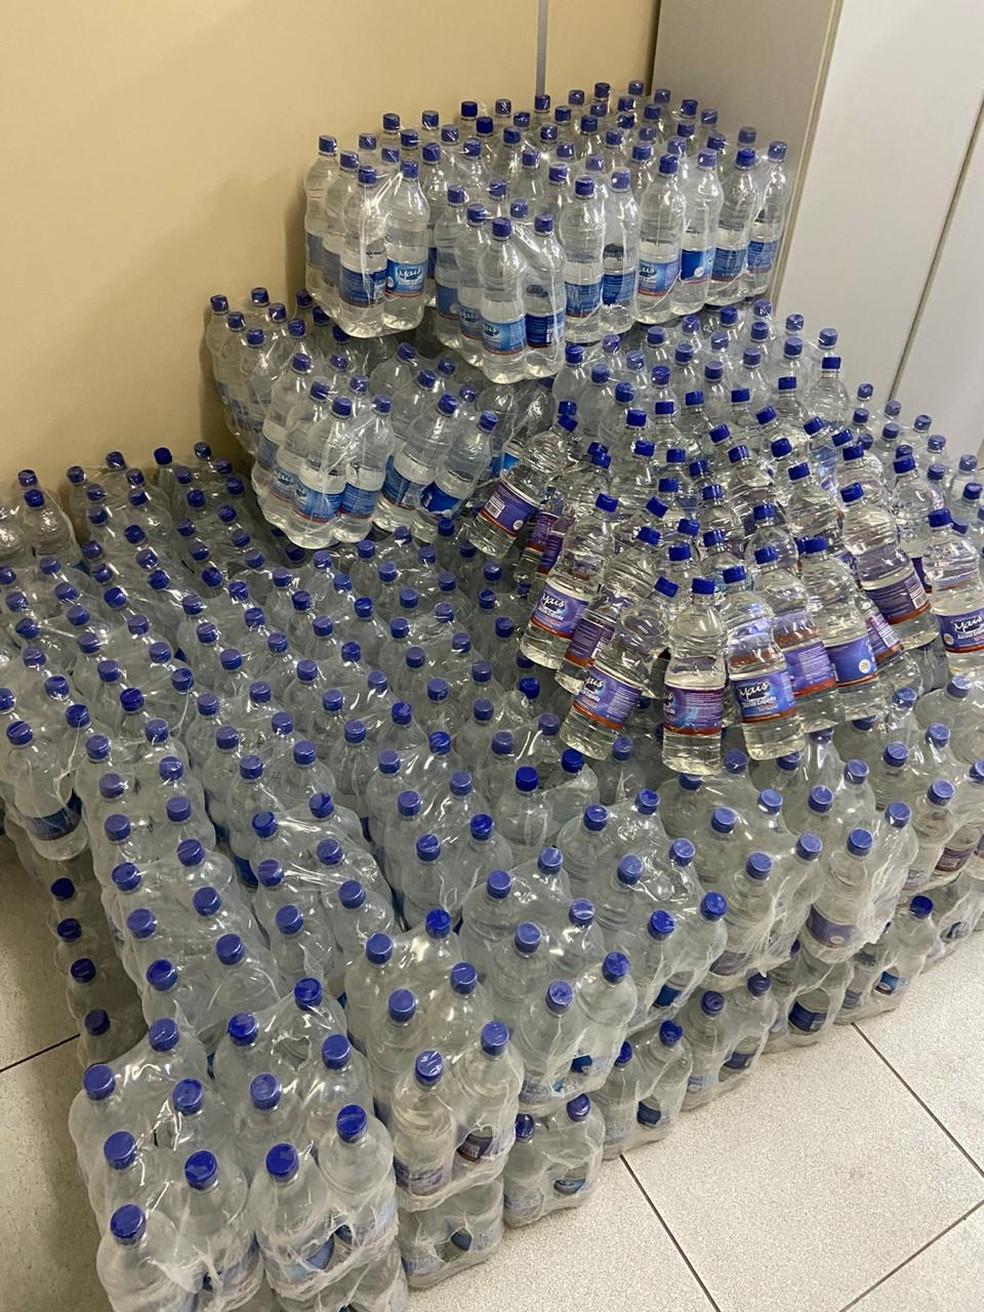 Mil garrafas de álcool, com um litro cada, foram apreendidas por causa de adulterações, durante operação em mercadinho no Recife — Foto: Polícia Civil/Divulgação